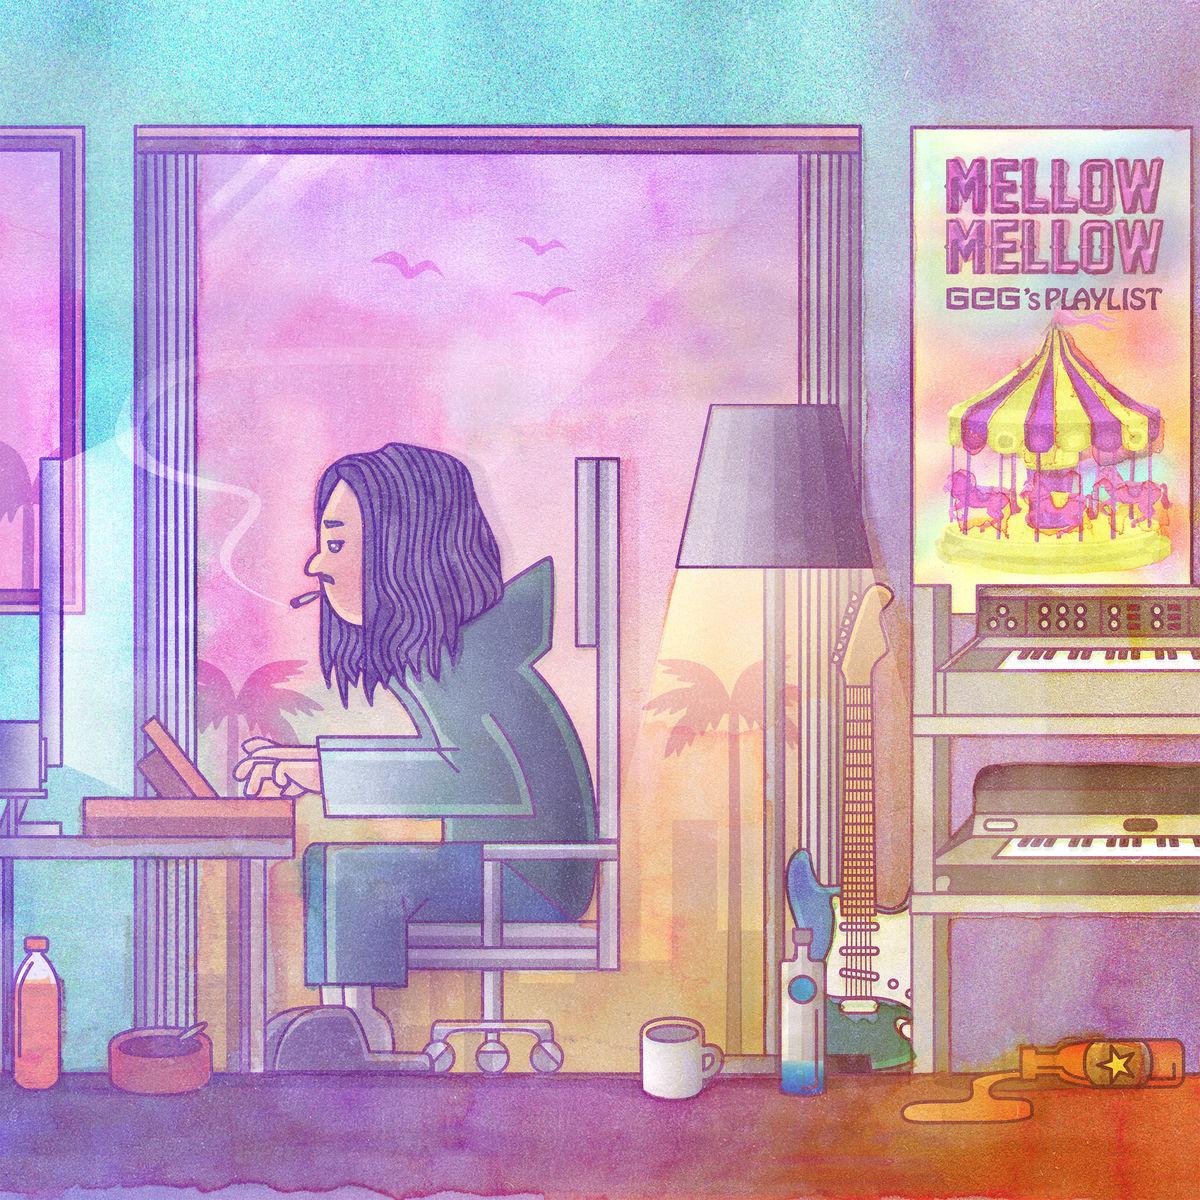 『GeG - EIAO feat. Shurkn Pap』収録の『Mellow Mellow ~GeG's Playlist~』ジャケット